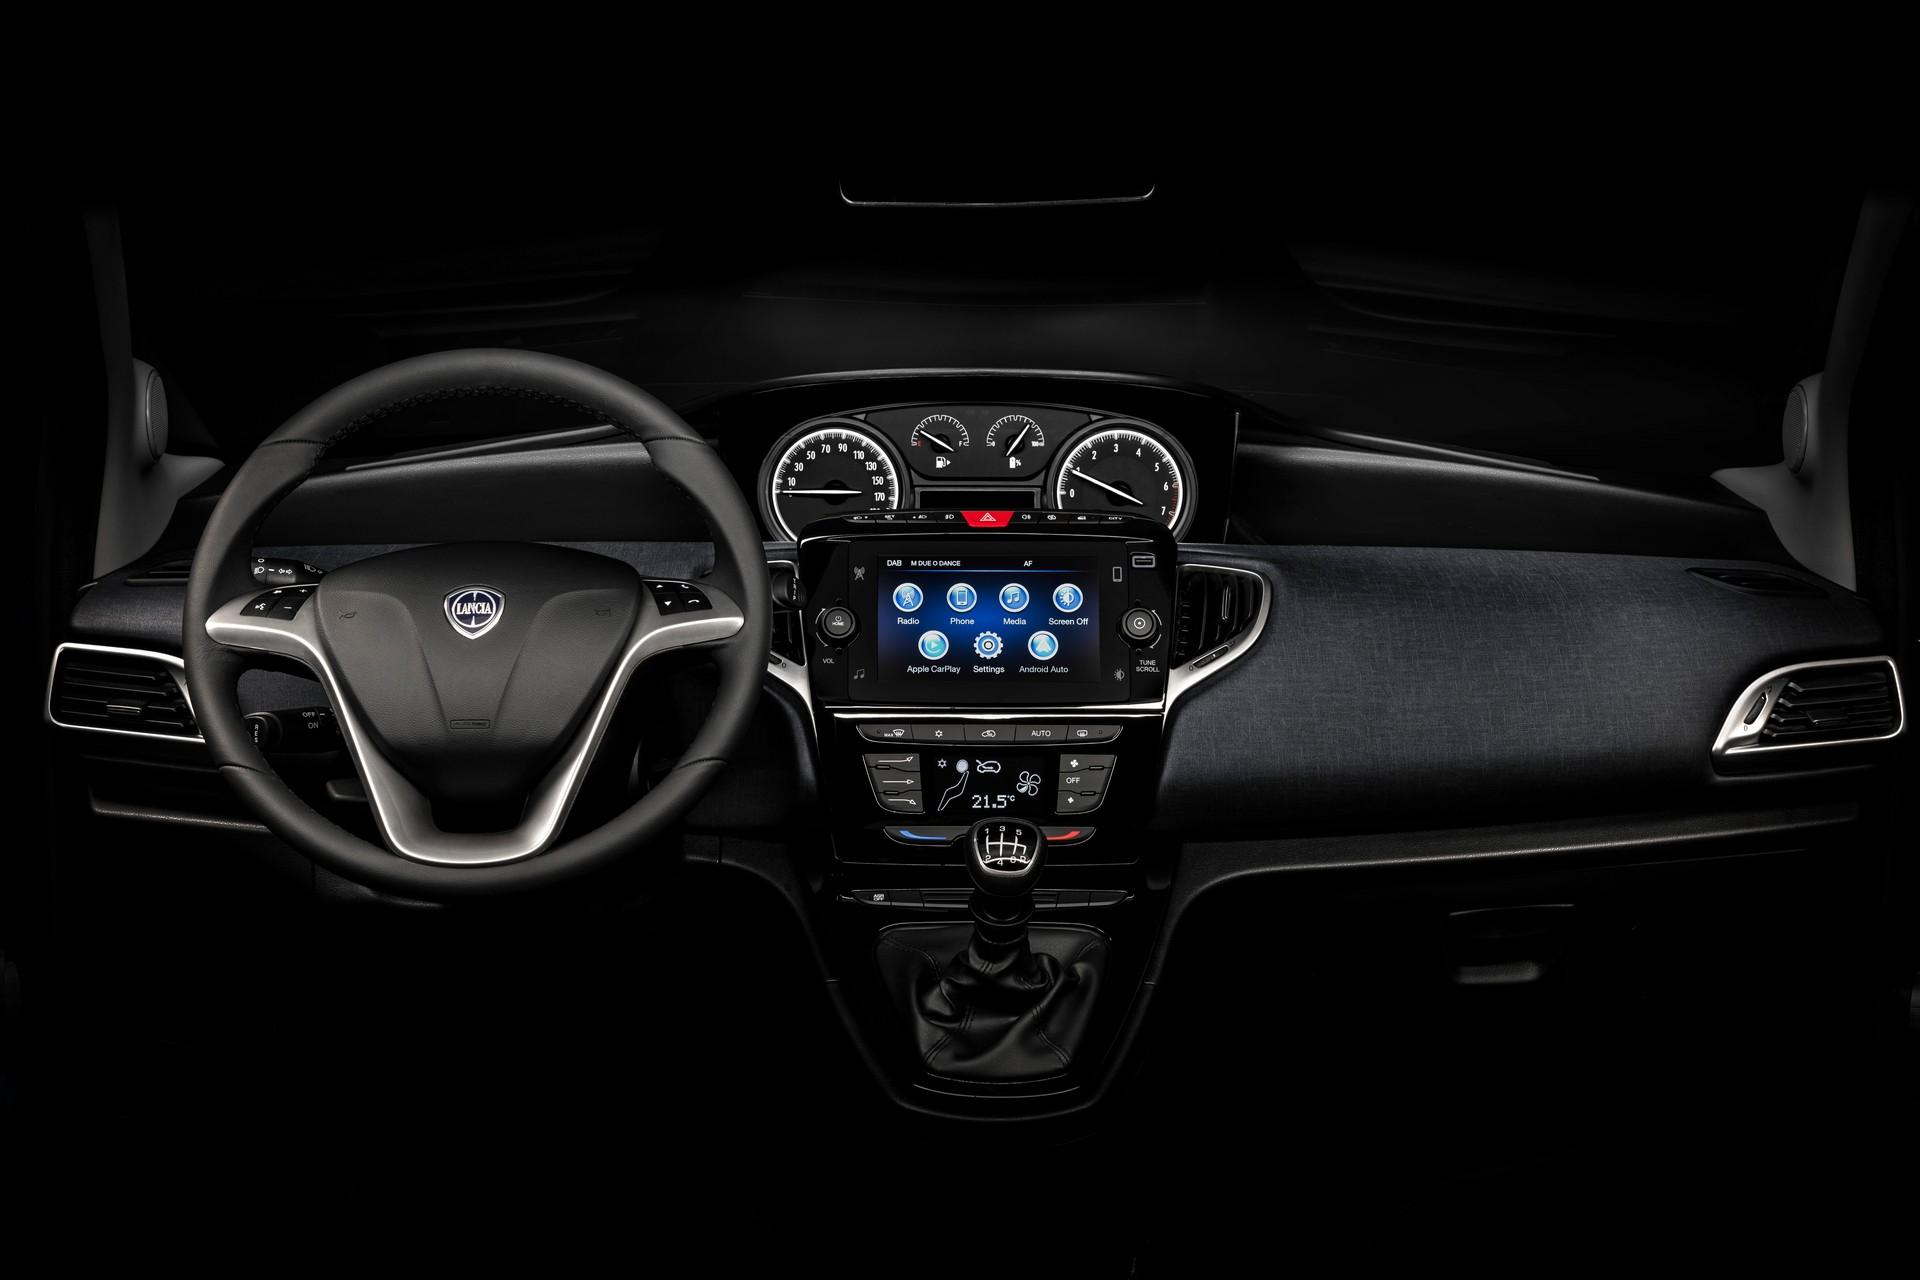 2021_Lancia_Ypsilon_hybrid-0010